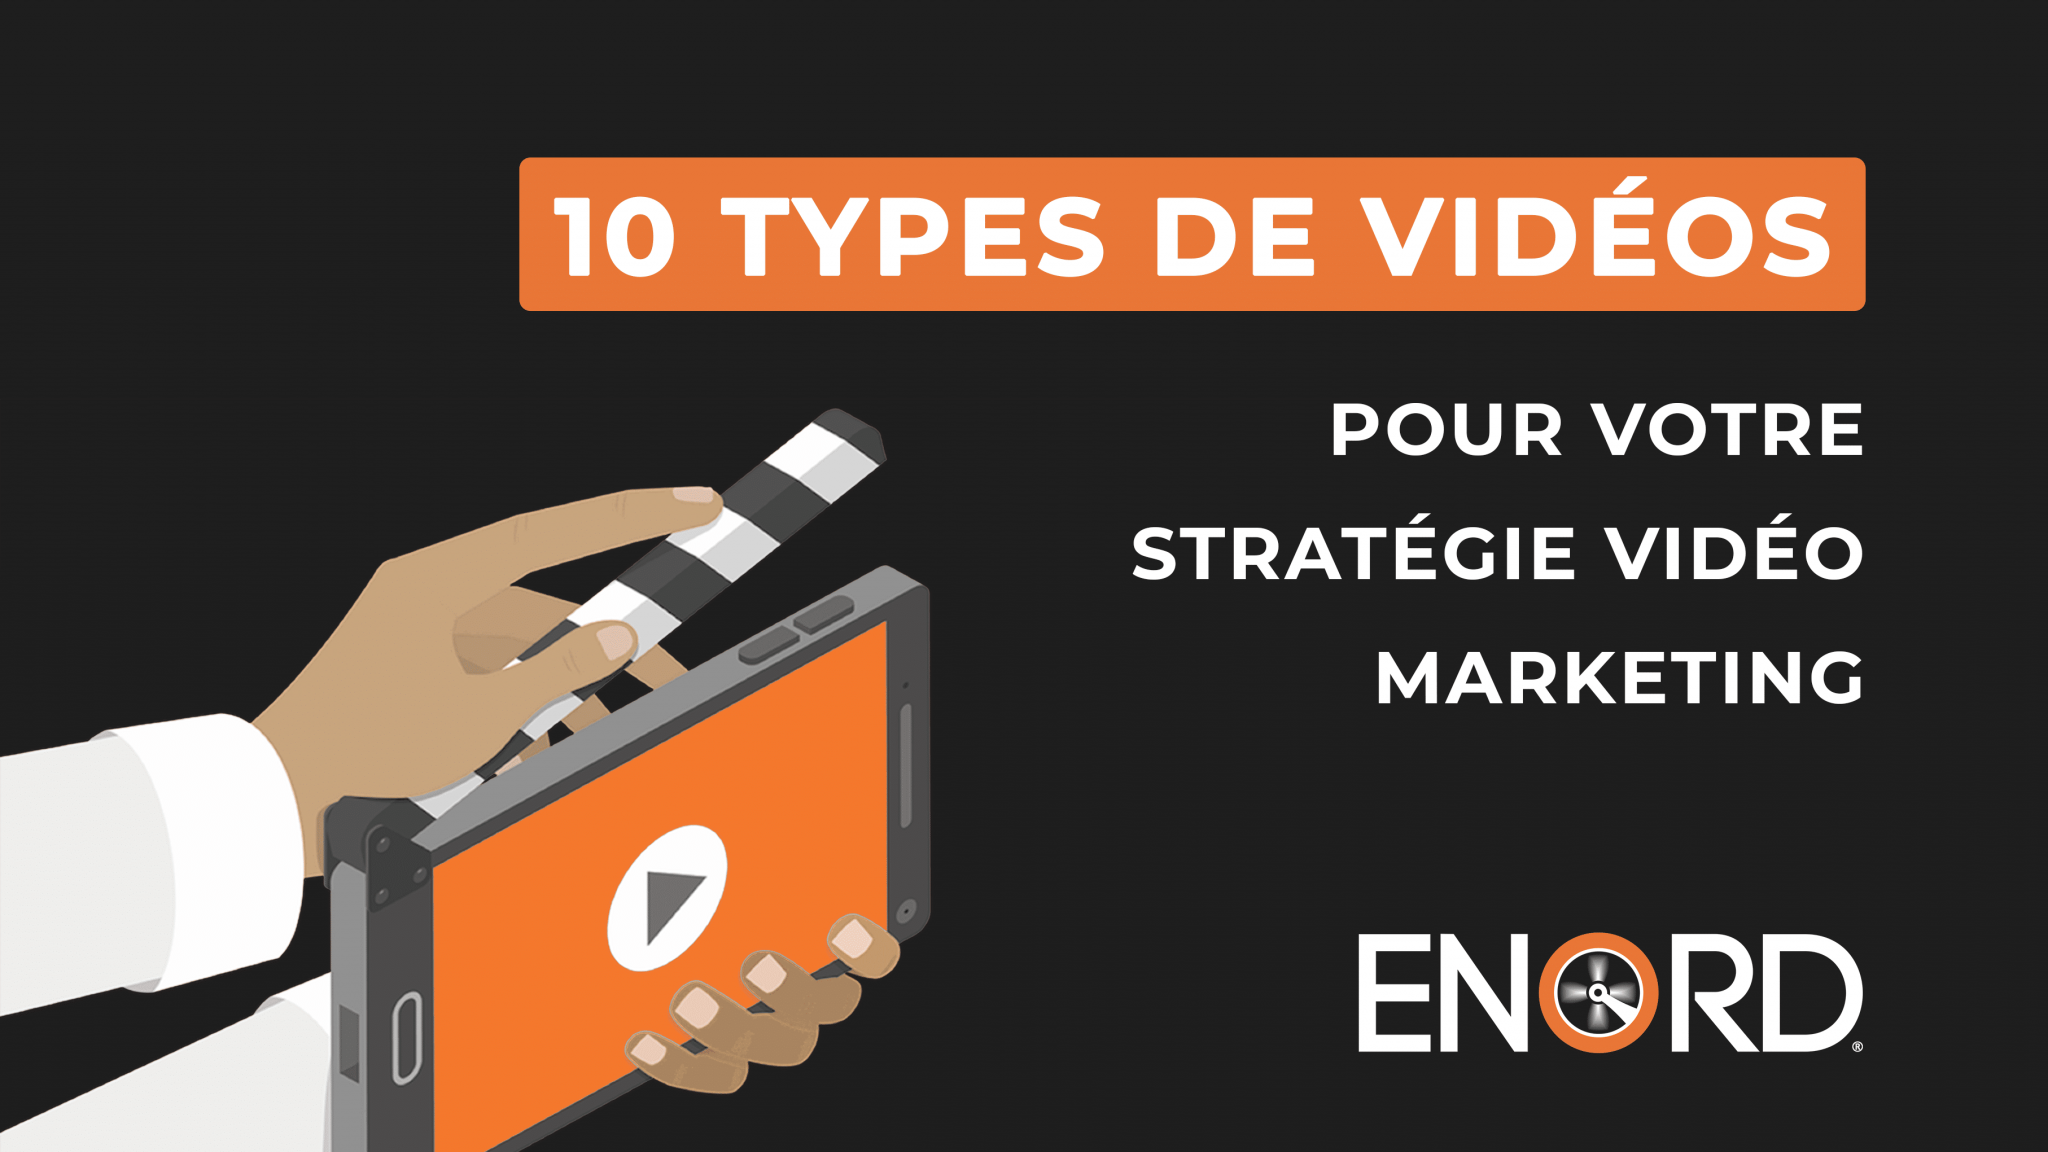 10 types de videos pour vos strategie video marketing 2048x1152 1